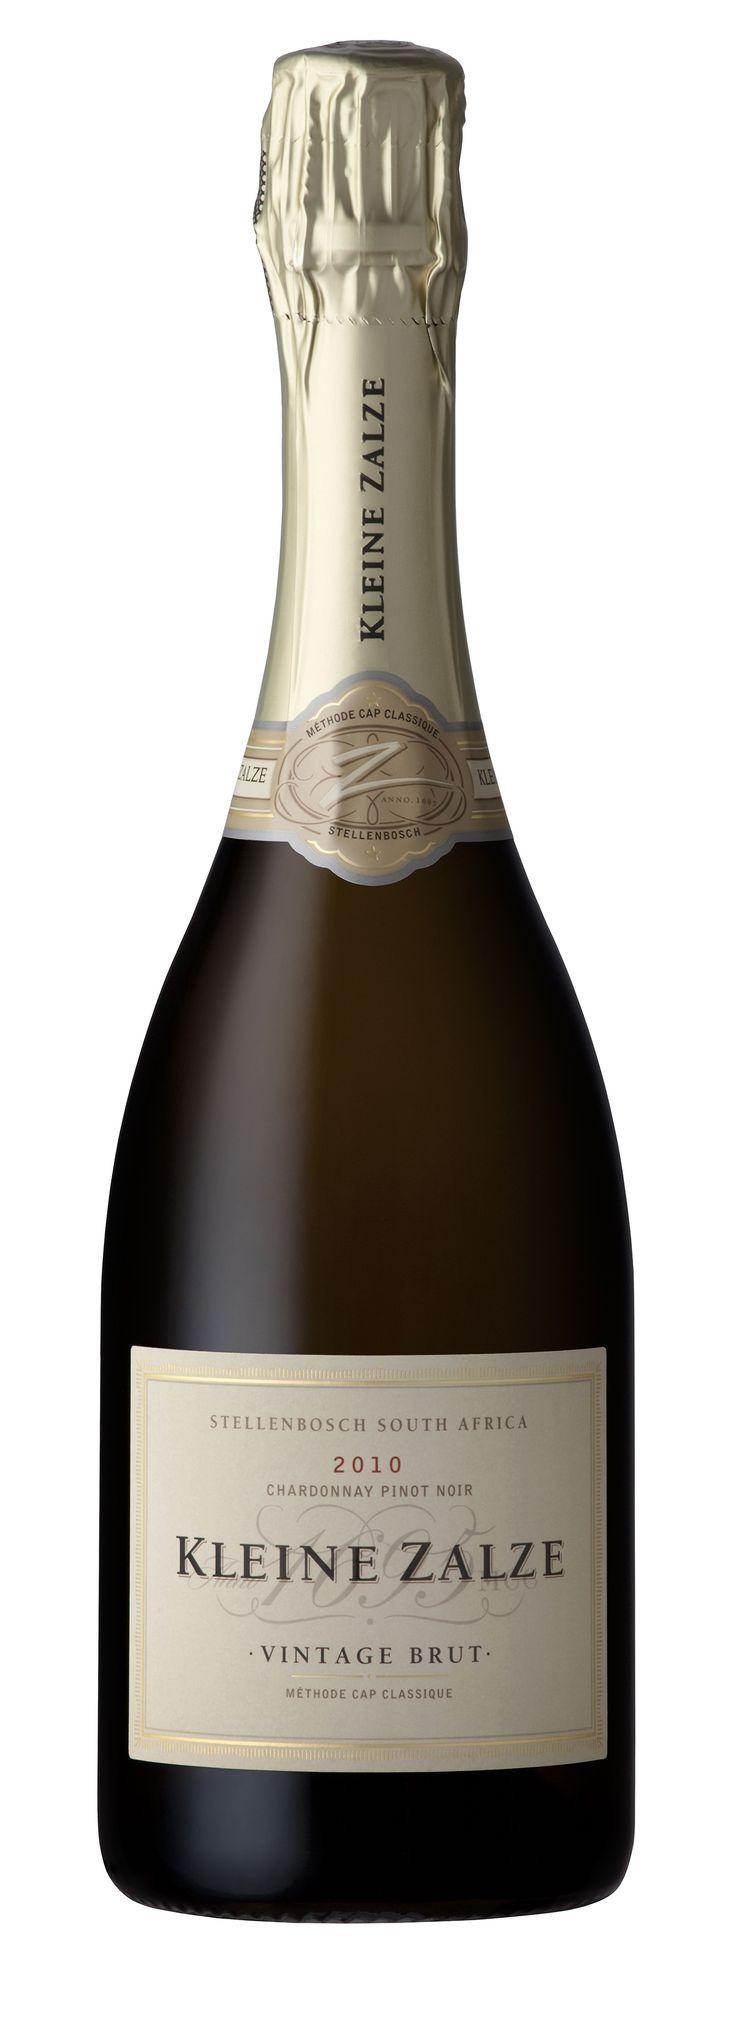 Kleine Zalze Vintage Brut Char Pinot Noir 2010